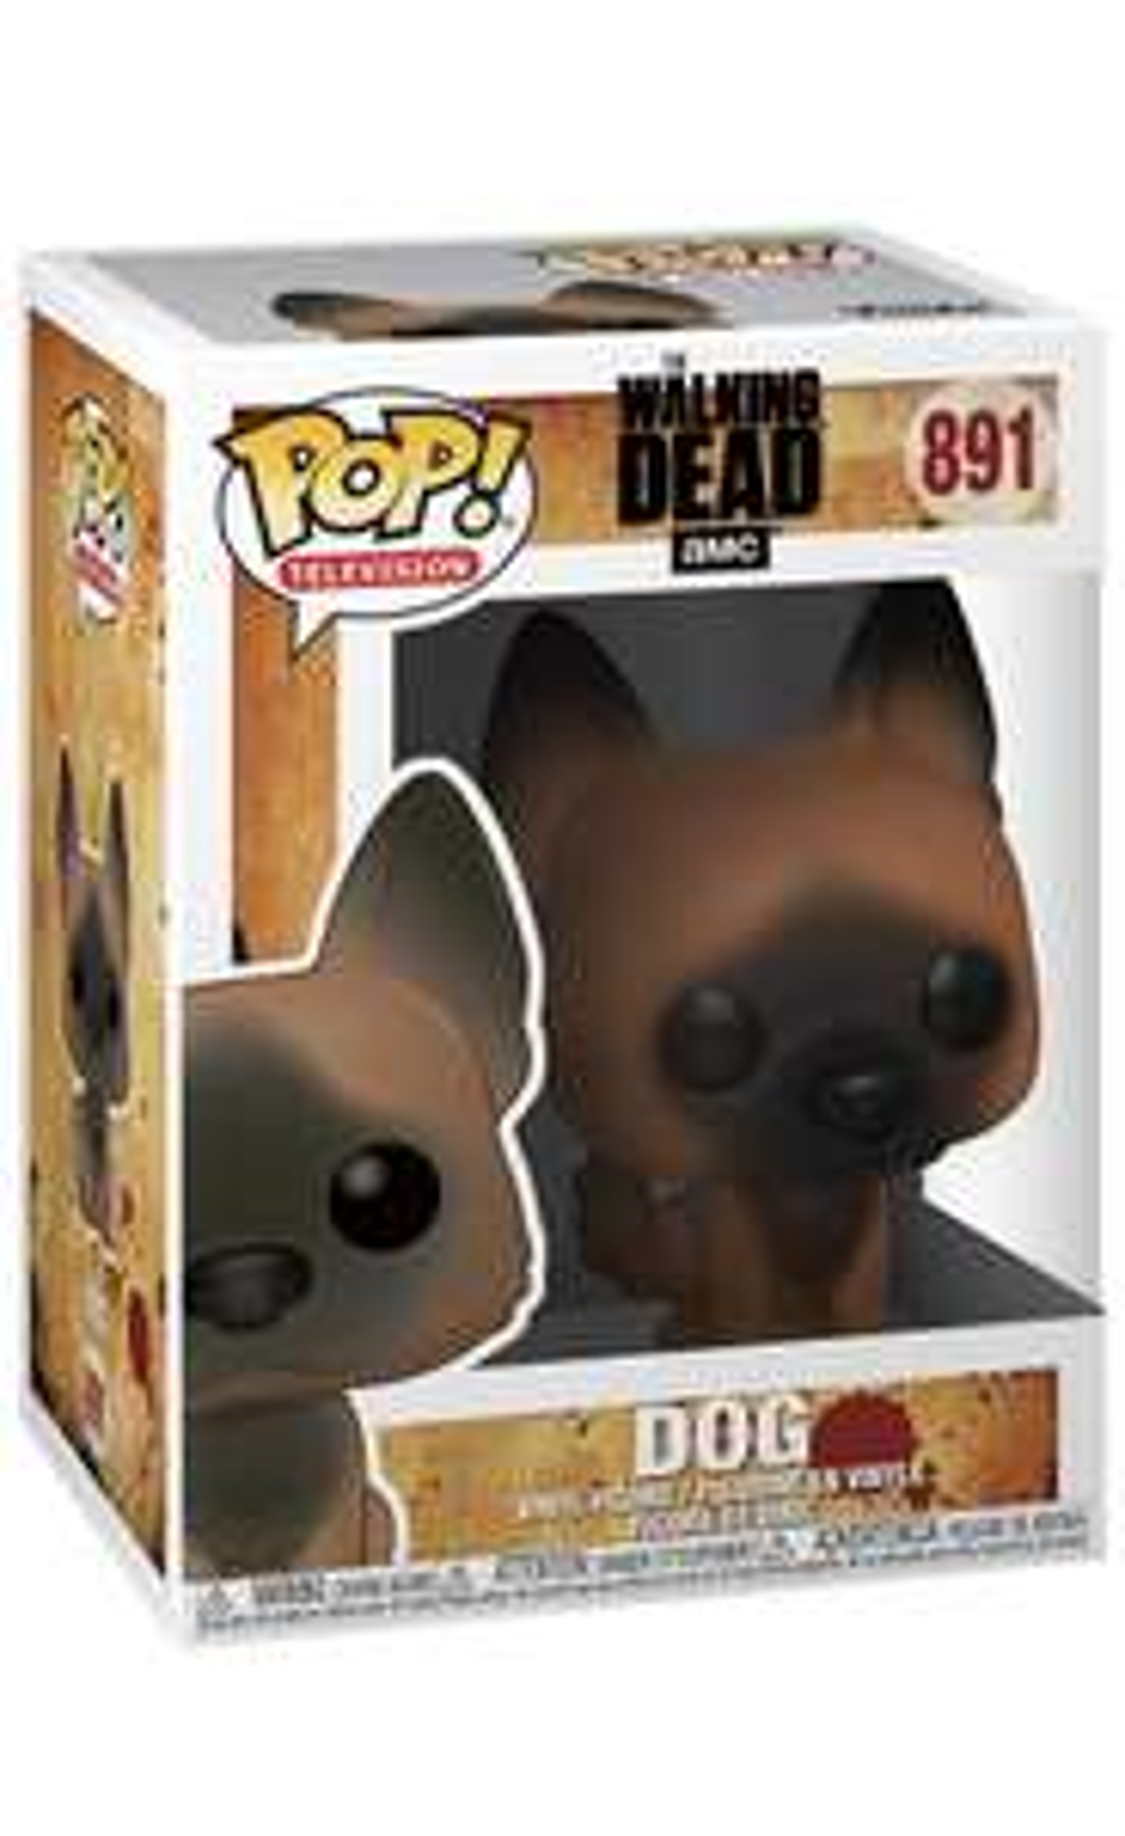 Amazon: Funko Pop The Walking Dead -Dog